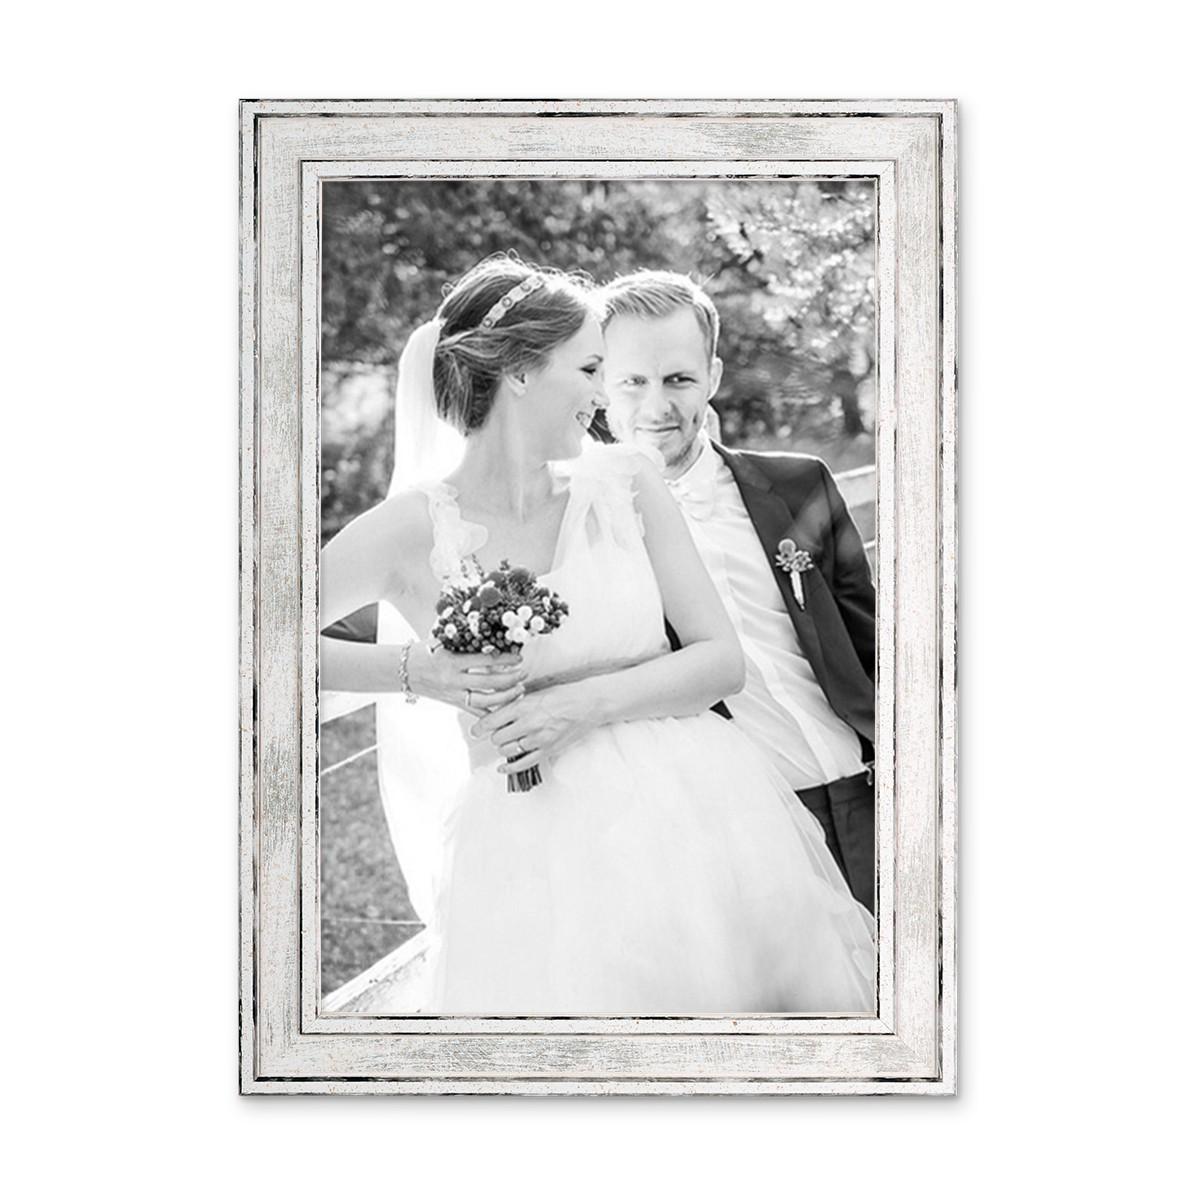 Great Bilderrahmen Pastell / Alt Weiß Silber 20x30 Cm Massivholz Mit Vintage Look  / Fotorahmen / Awesome Design